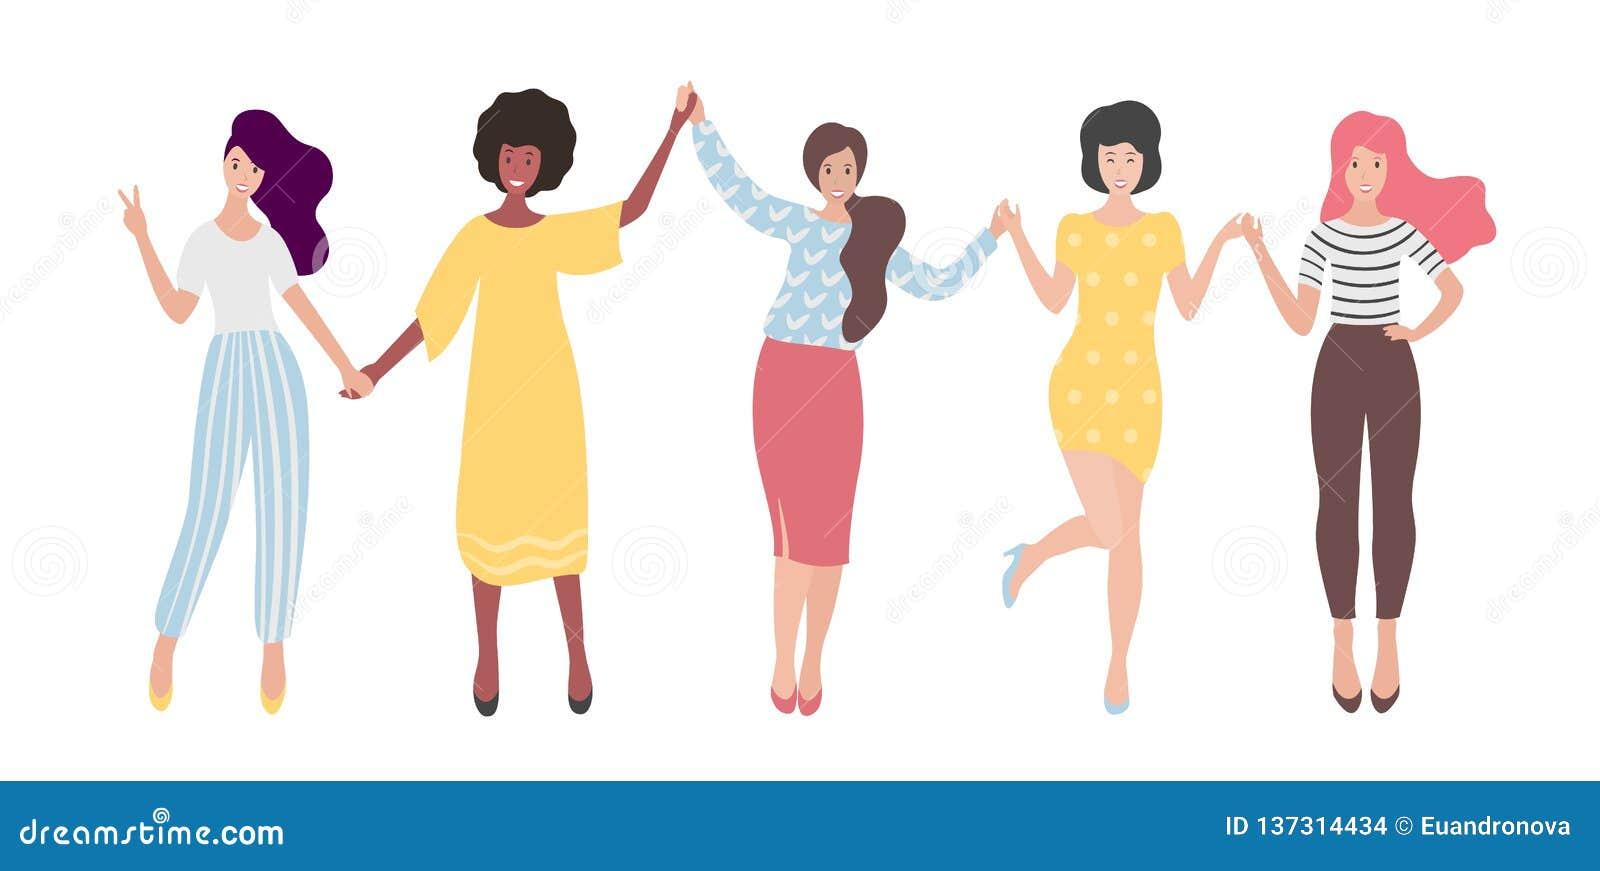 握手的不同的国际小组站立的妇女或女孩 妇女团体,朋友,男女平等主义者联合